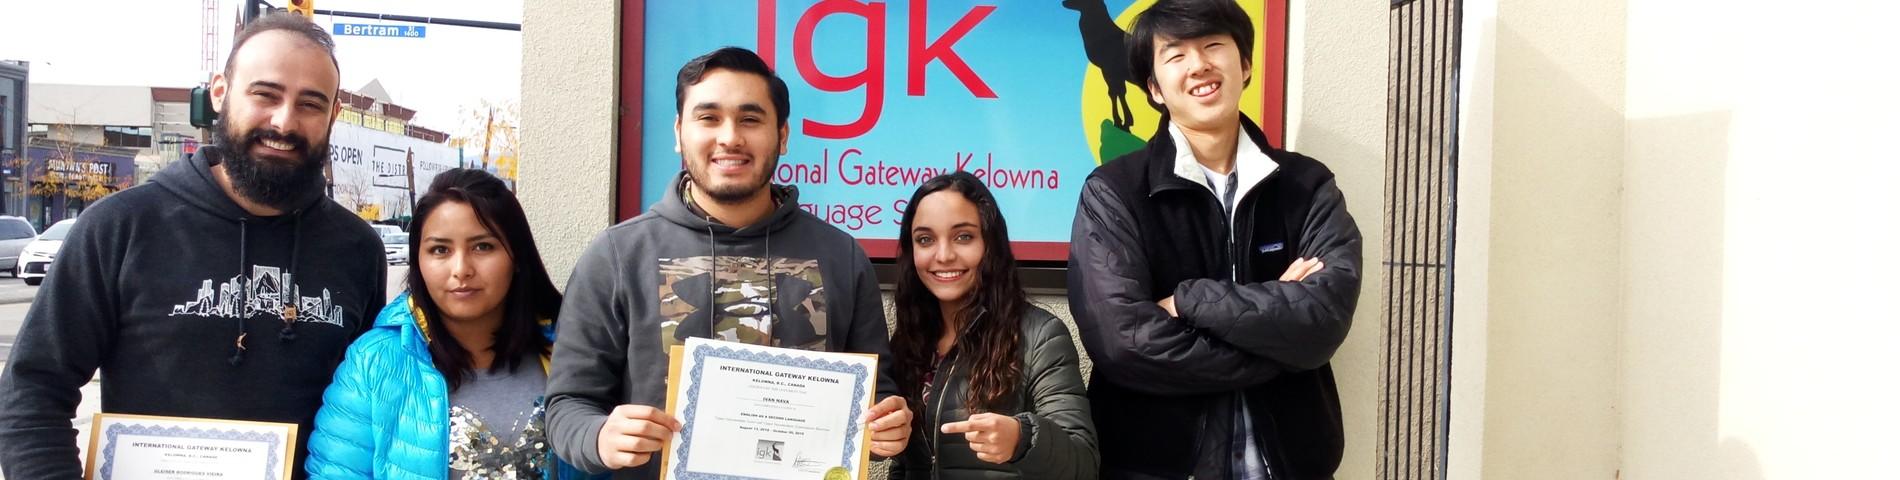 Imagen 1 de la escuela International Gateway Kelowna